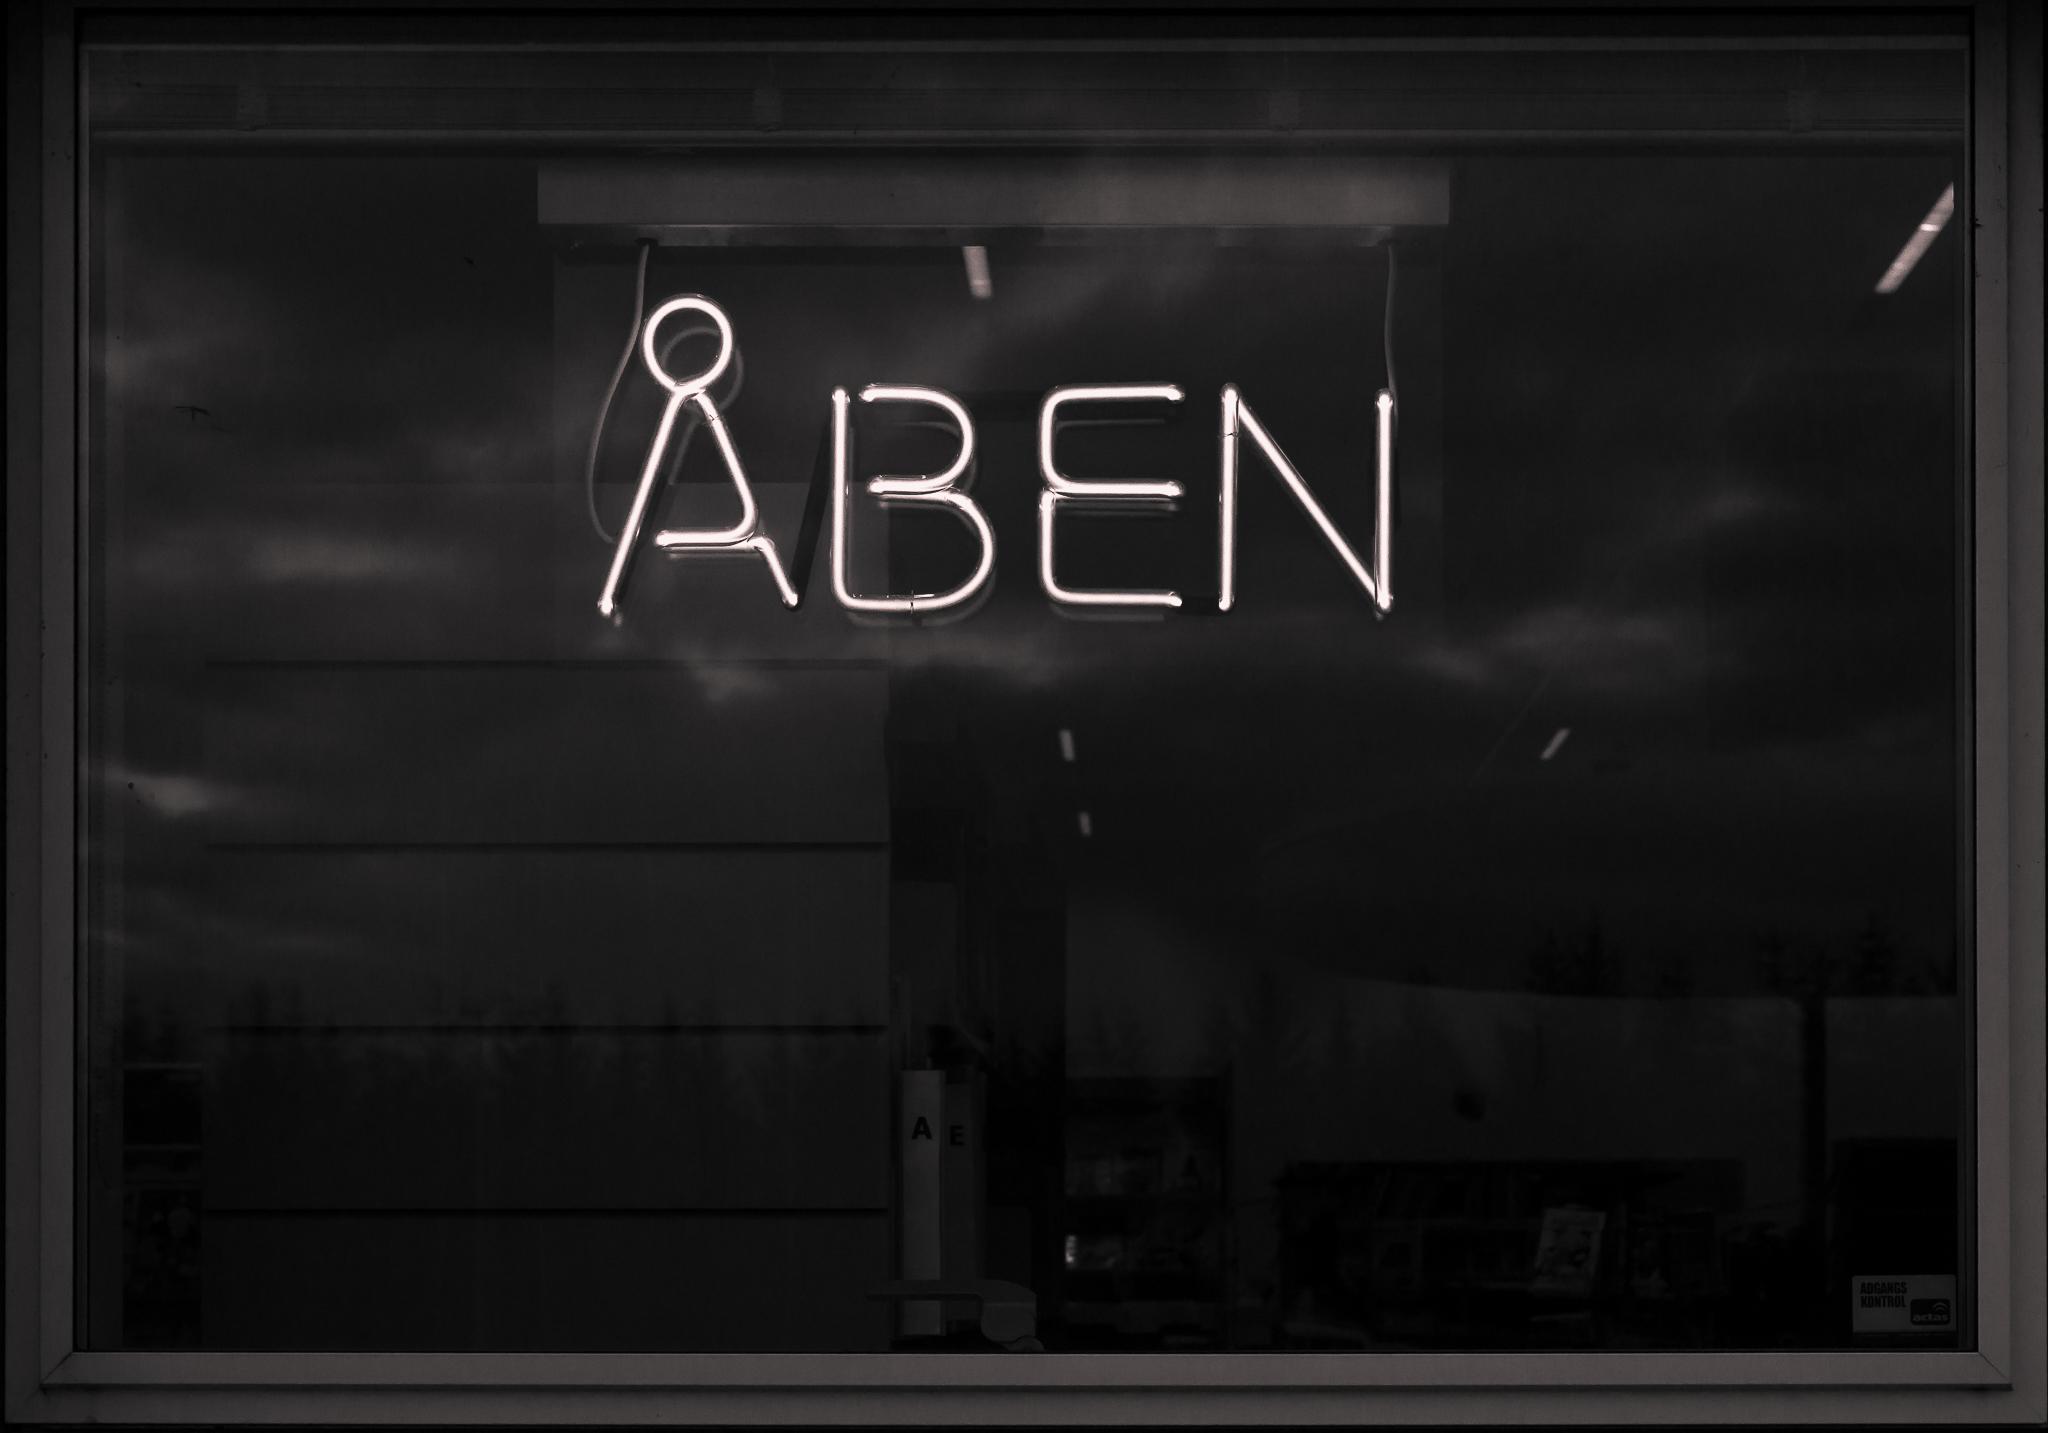 aaben-02247